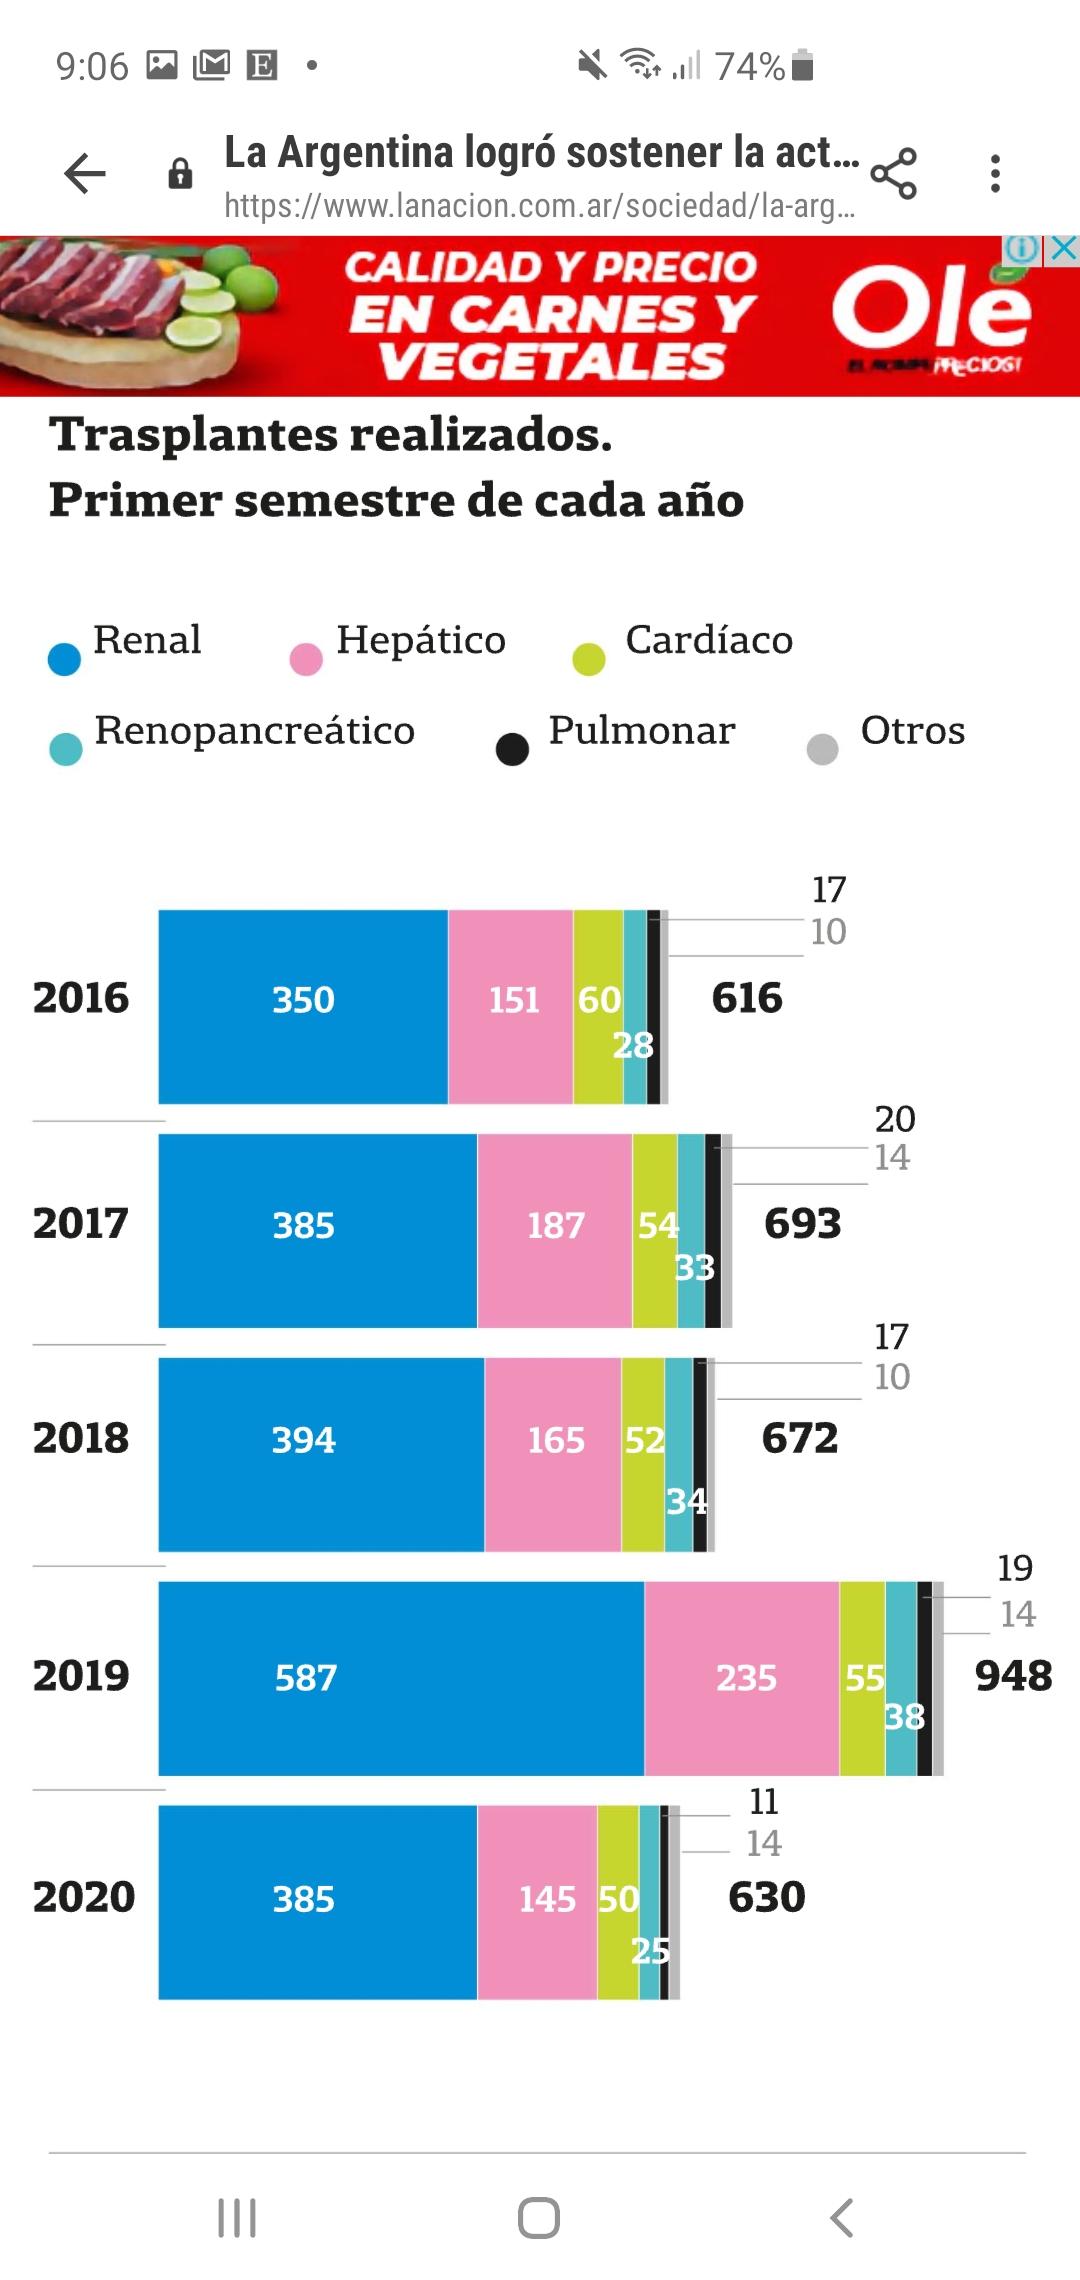 La Argentina logró sostener la actividad de donación y trasplante durante la pandemia